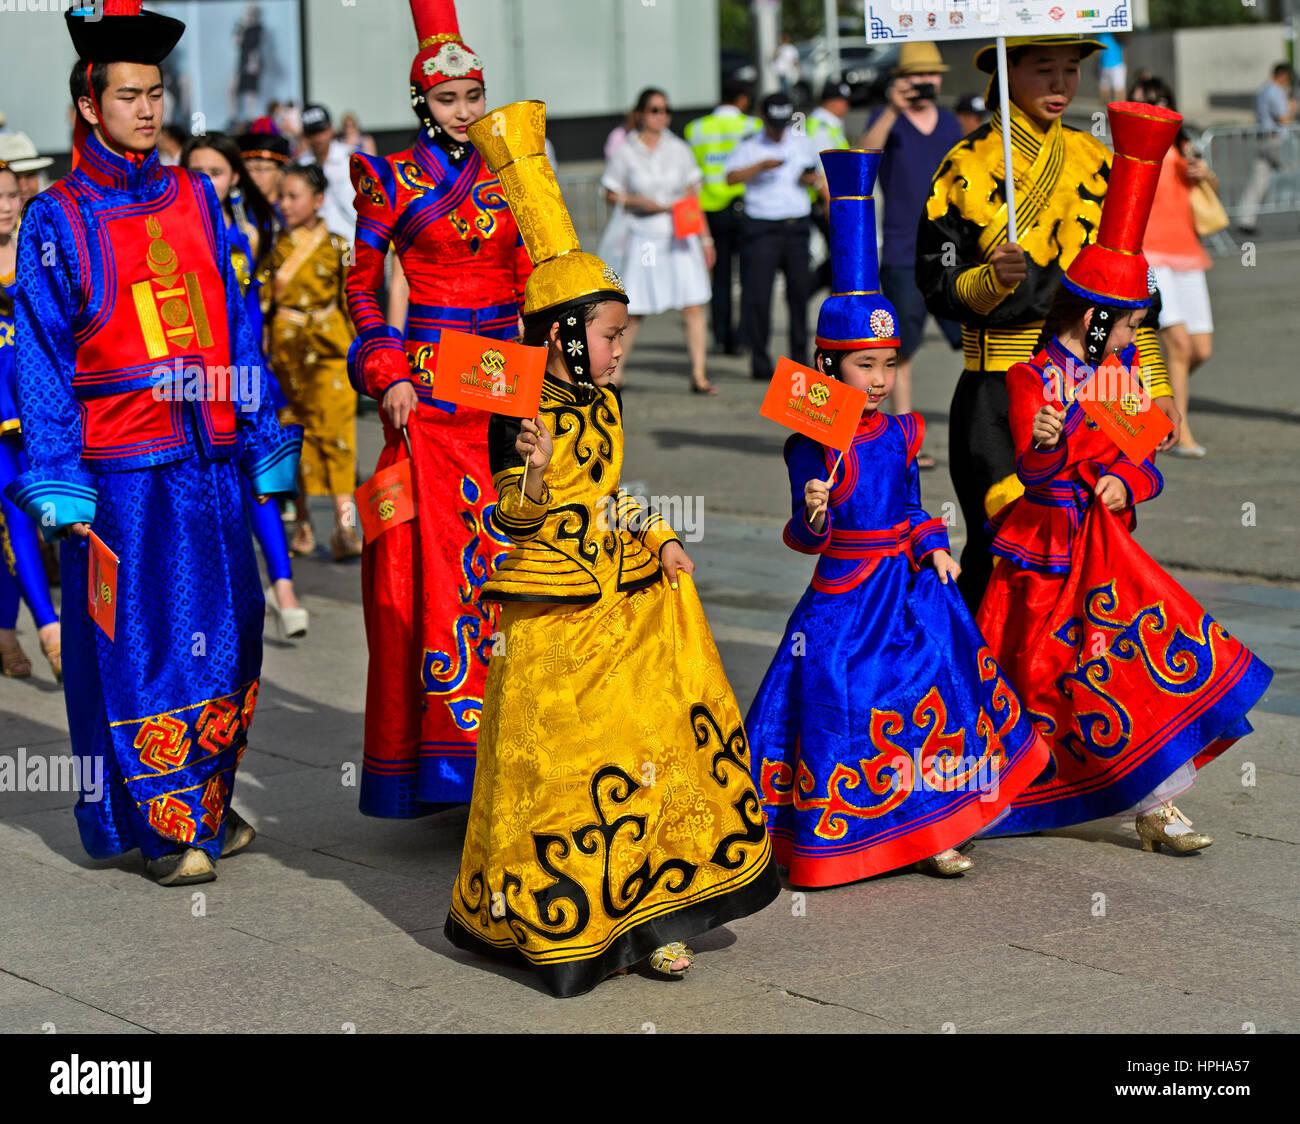 Niños y adolescentes en los tradicionales trajes, deel Festival traje nacional de Mongolia, Ulaanbaatar, Mongolia Imagen De Stock